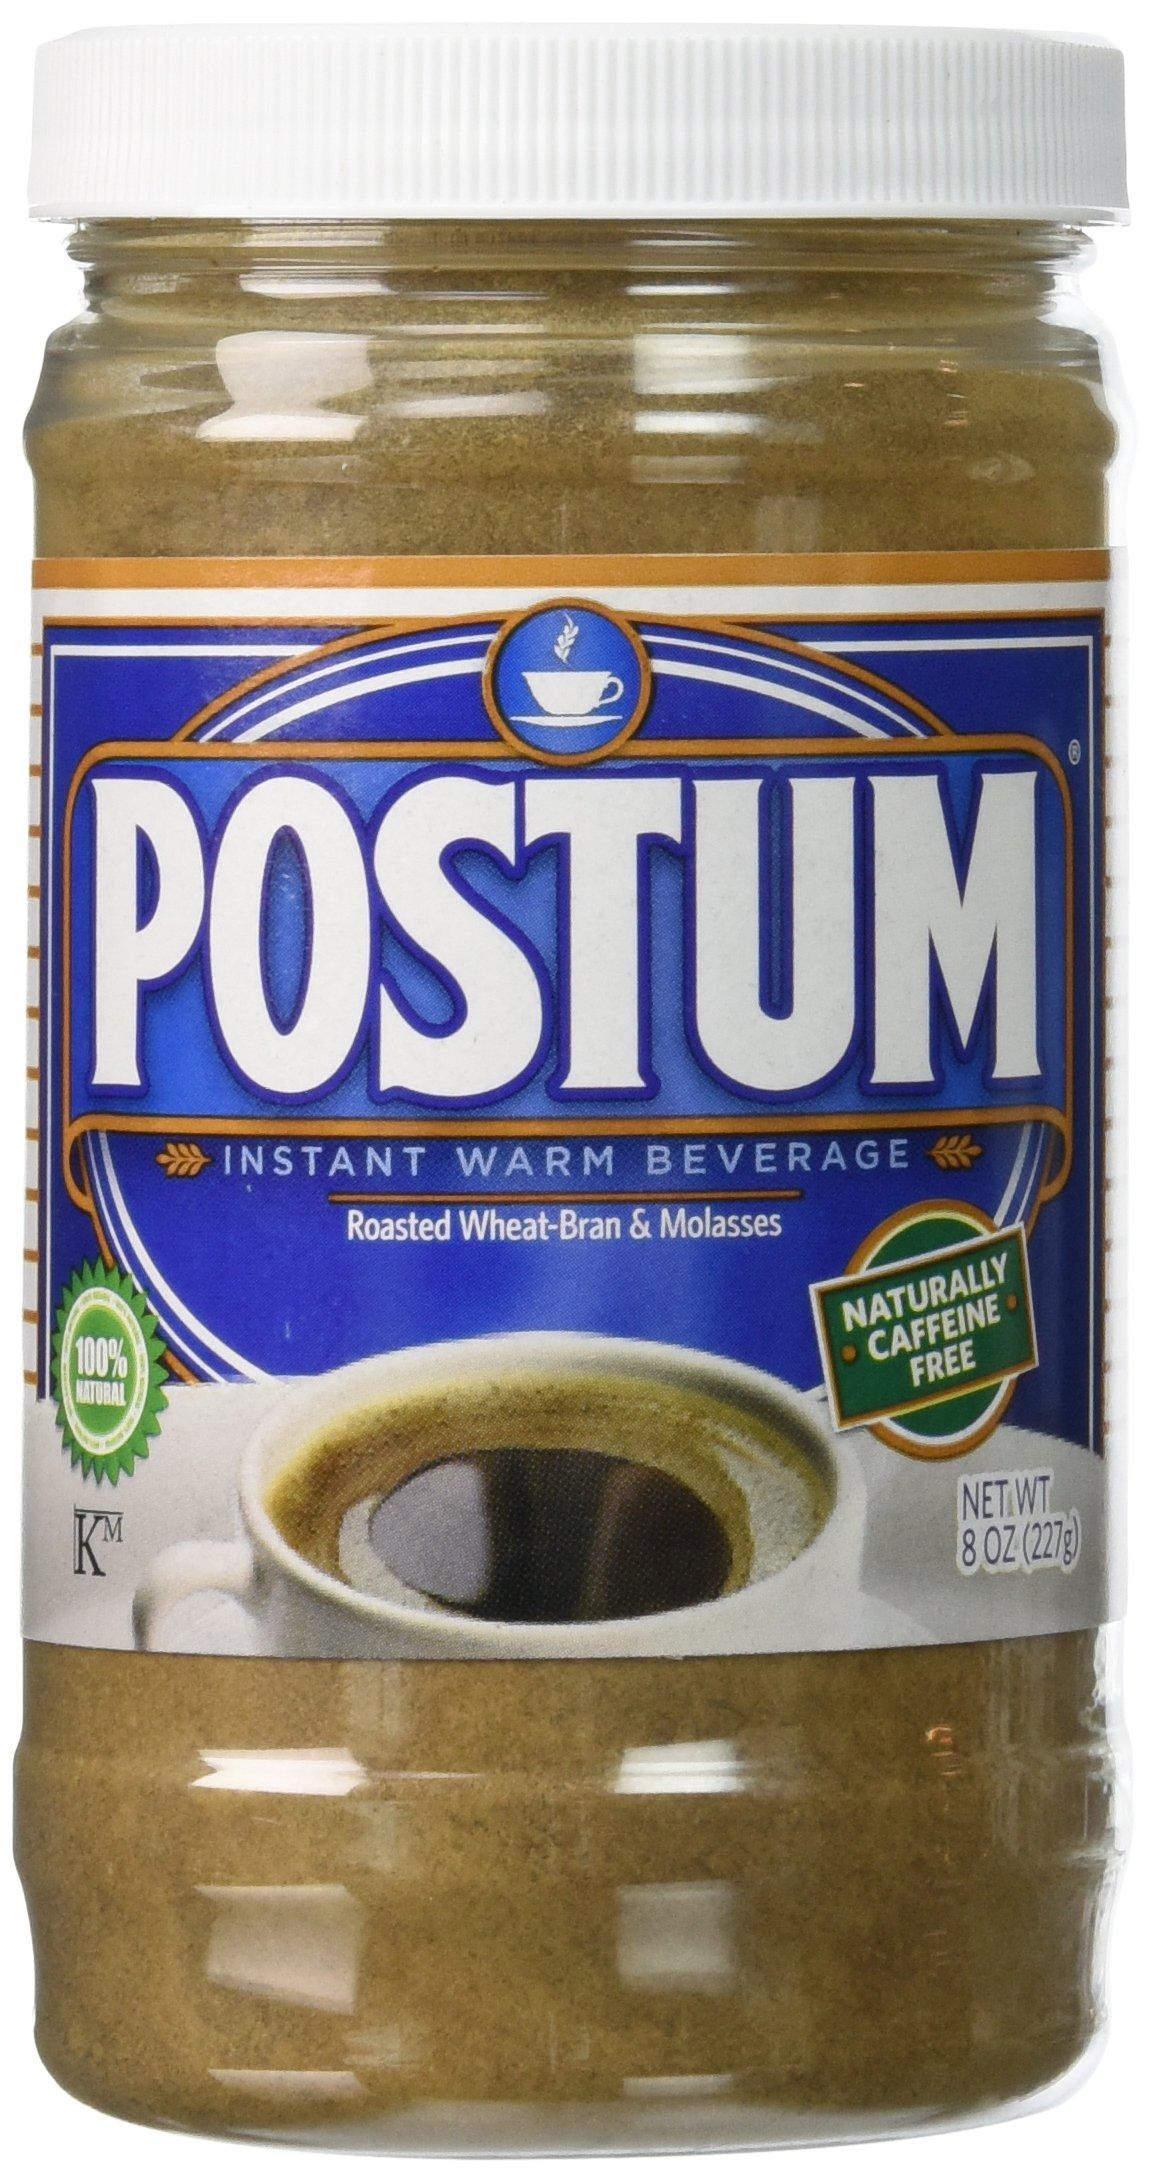 Postum Instant Hot Beverage, Original, 8 Ounces, Pack of 6